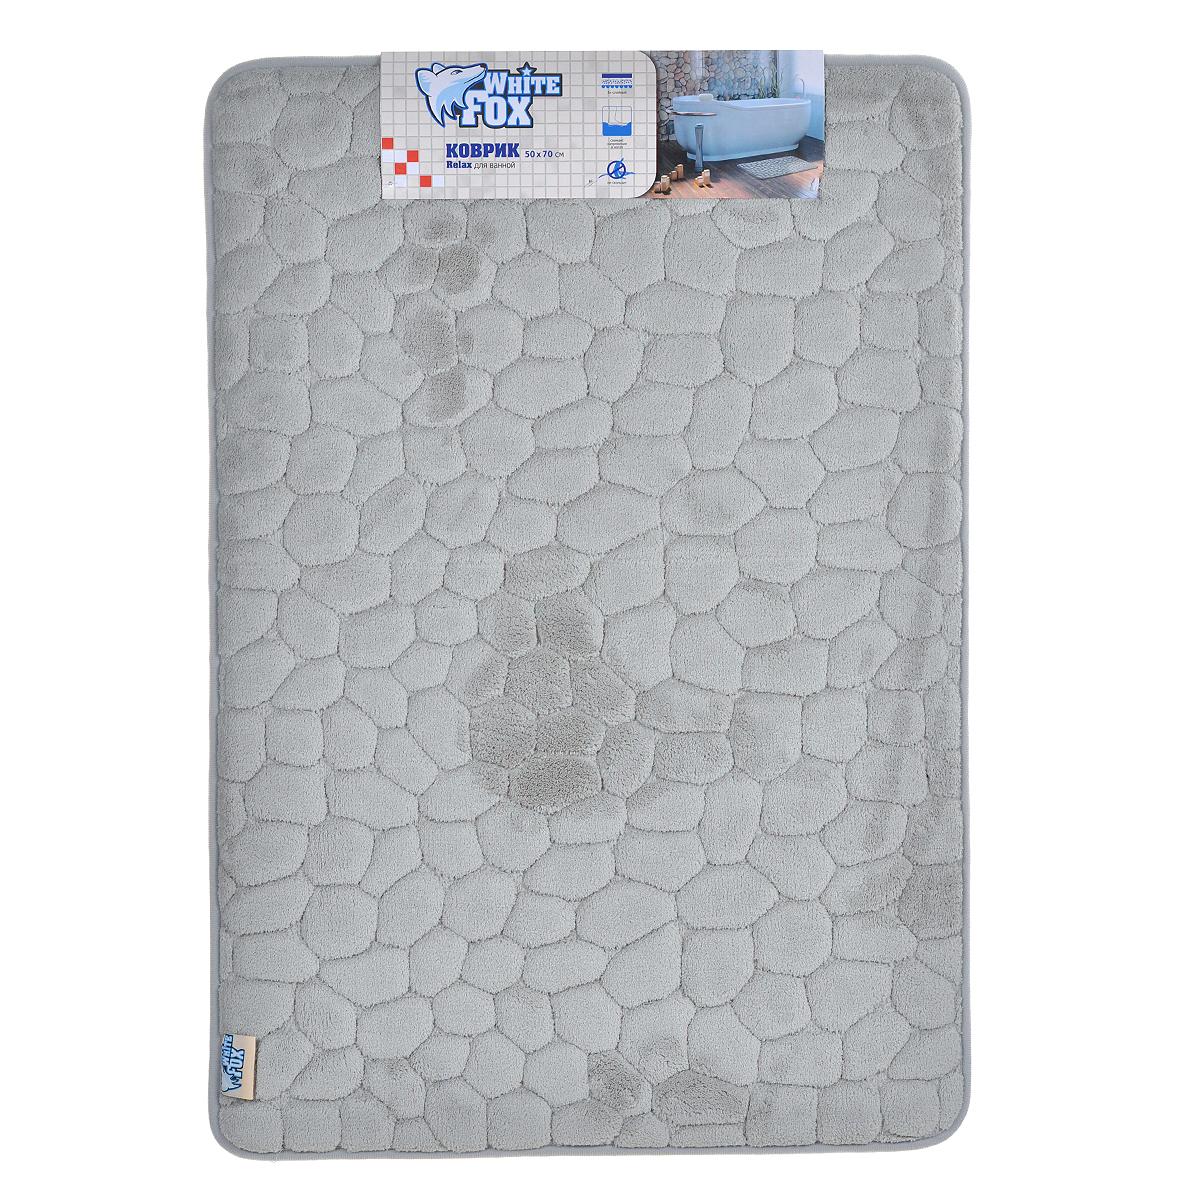 Коврик для ванной White Fox Relax. Камушки, цвет: серый, 50 см х 70 смWBBM20-134Коврик для ванной White Fox Relax. Камушки подарит настоящий комфорт до и после принятия водных процедур. Коврик состоит из трех слоев: - верхний флисовый слой прекрасно дышит, благодаря чему коврик быстро высыхает; - основной слой выполнен из специального вспененного материала, который точно повторяет рельеф стопы, создает комфорт и полностью восстанавливает первоначальную форму; - нижний резиновый слой препятствует скольжению коврика на влажном полу. Коврик White Fox Relax. Камушки равномерно распределяет нагрузку на всю поверхность стопы, снимая напряжение и усталость в ногах. Рекомендации по уходу: - ручная стирка; - не отбеливать; - не гладить; - можно подвергать химчистке; - деликатные отжим и сушка.